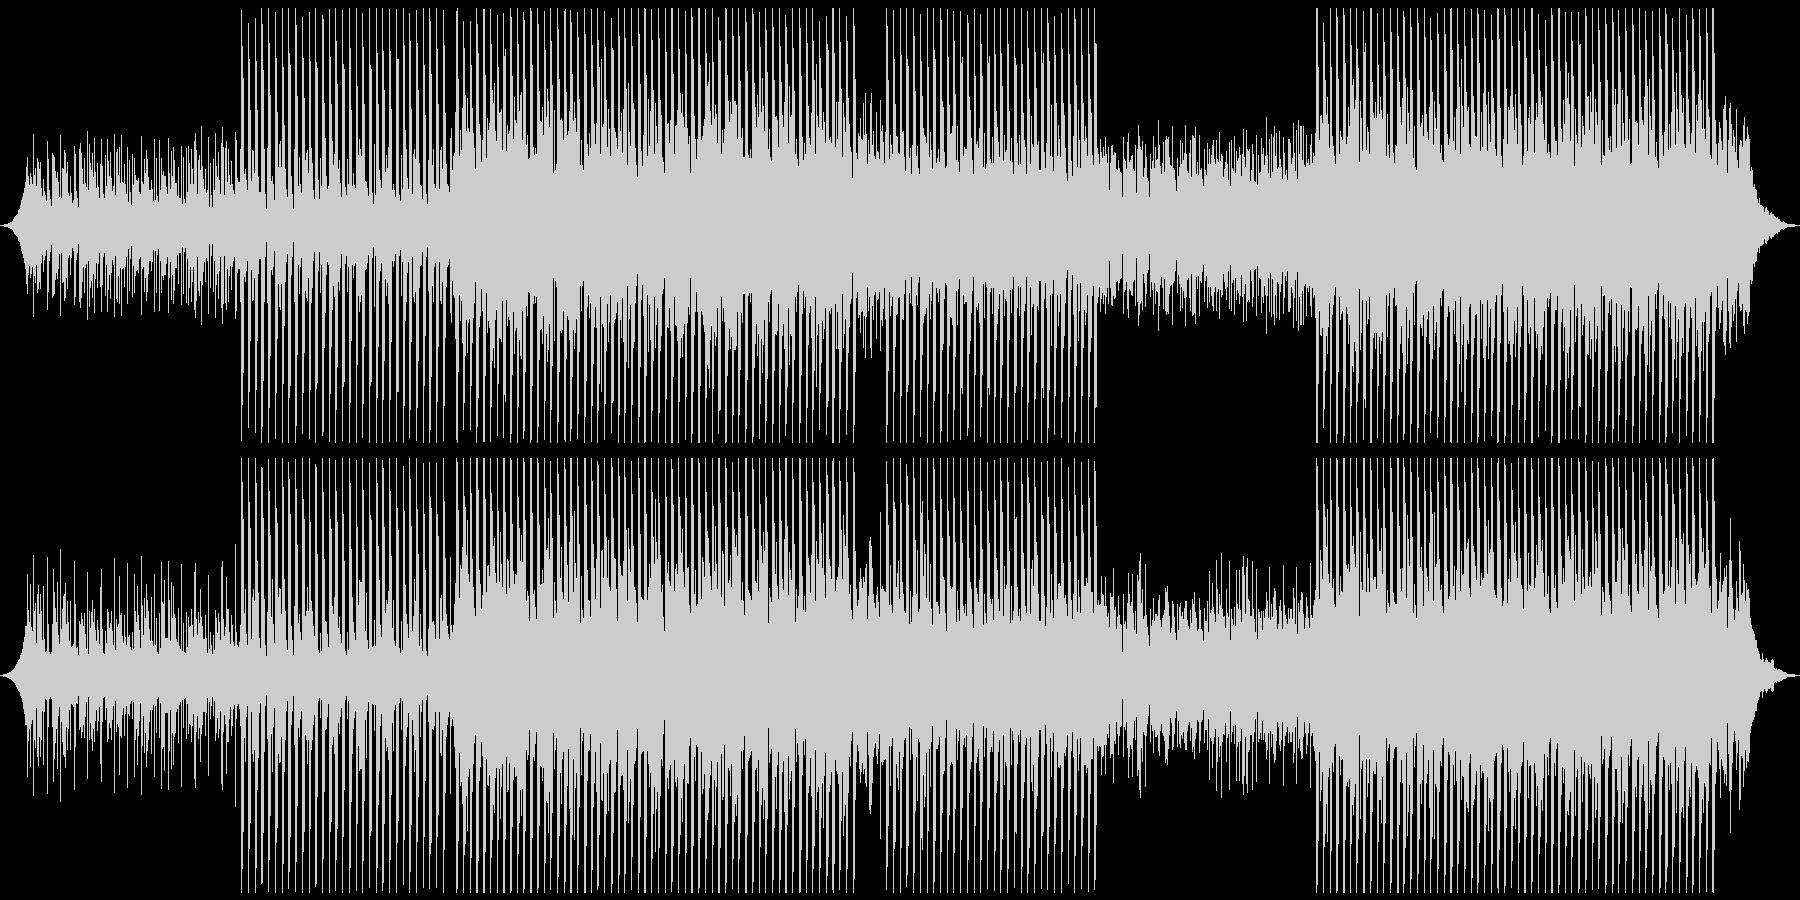 ハッピーコーポレートの未再生の波形